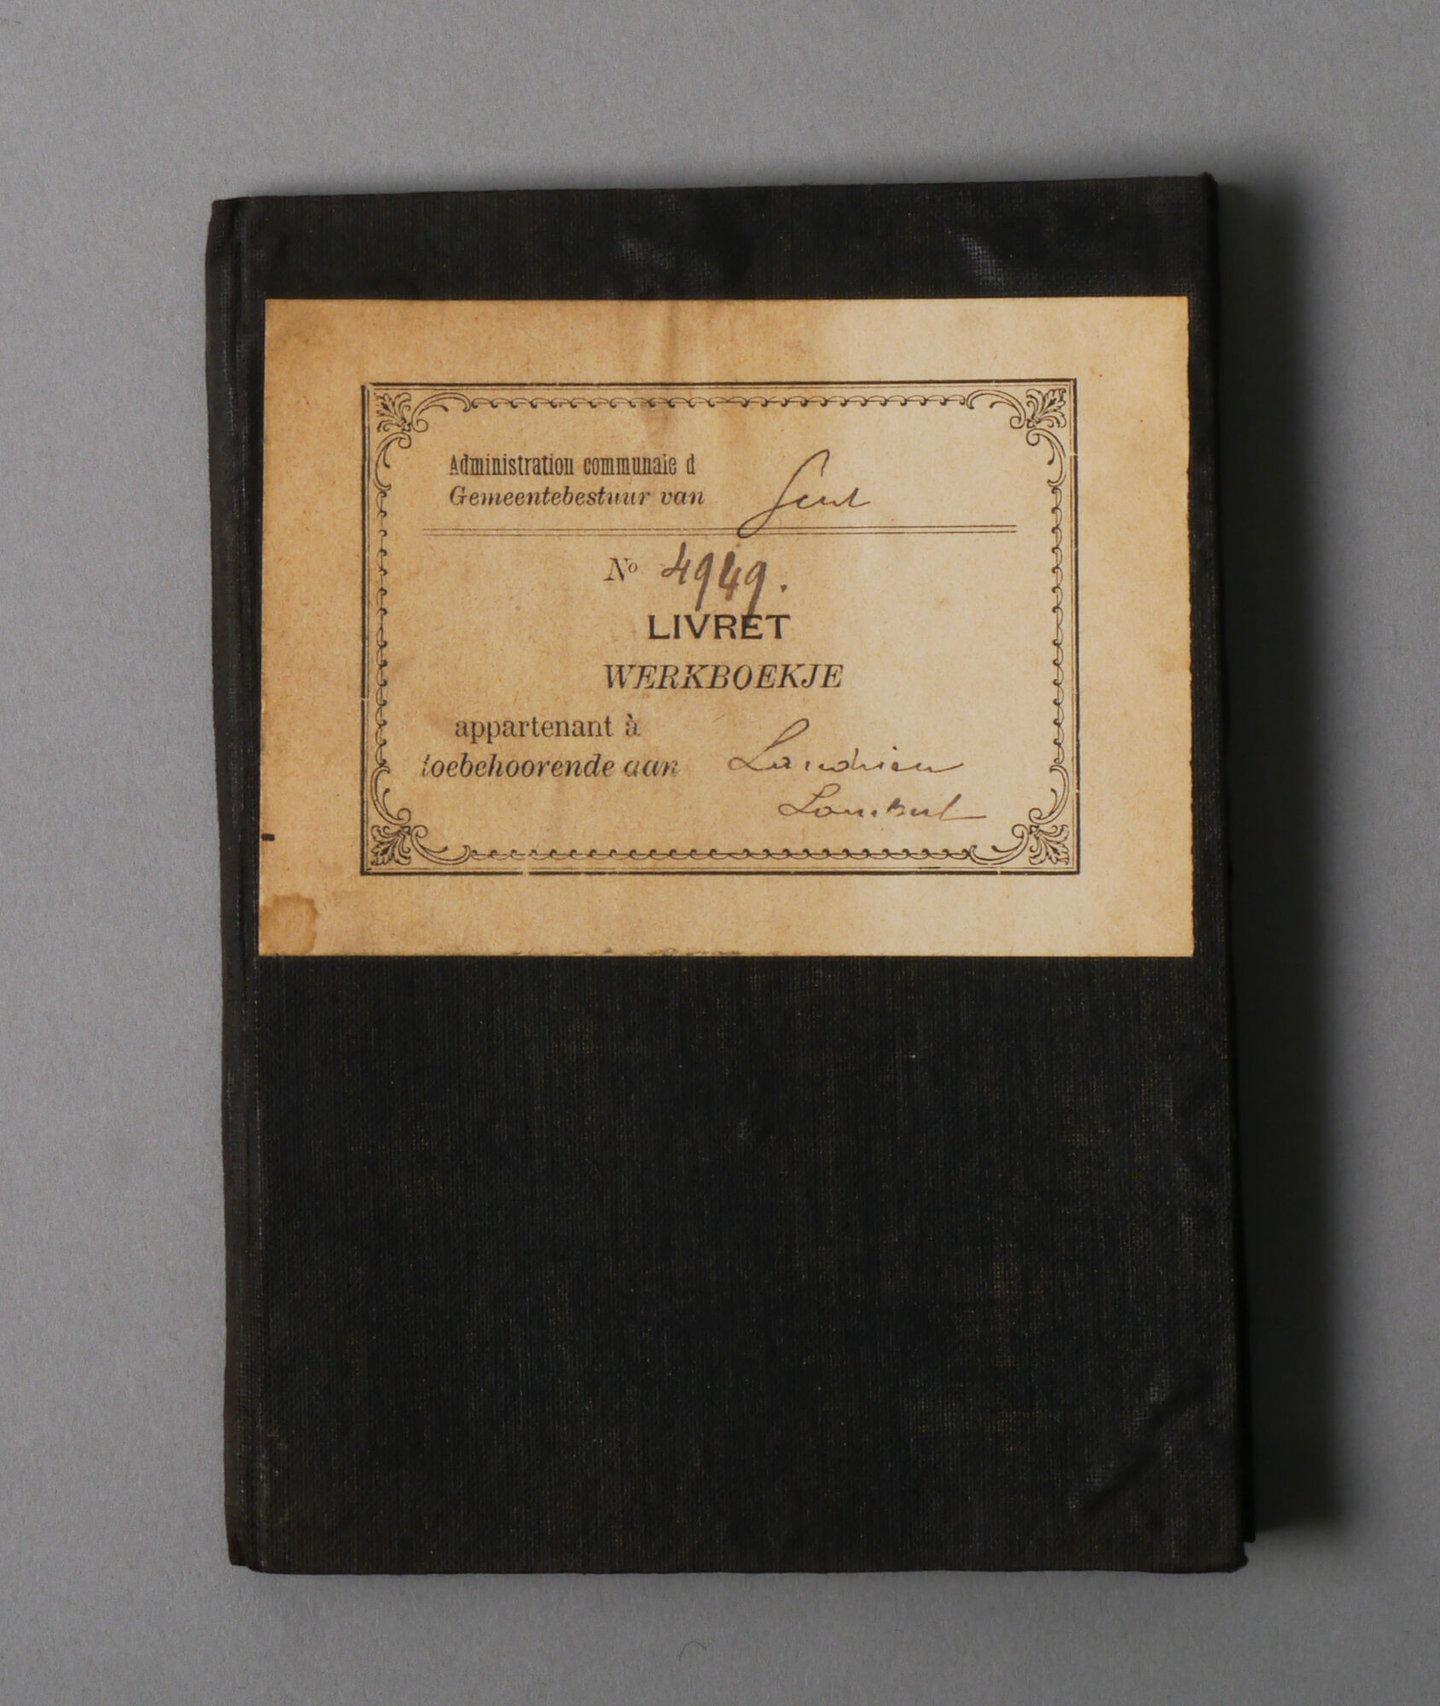 Werkboekje van Lambertus Clement Landrieu